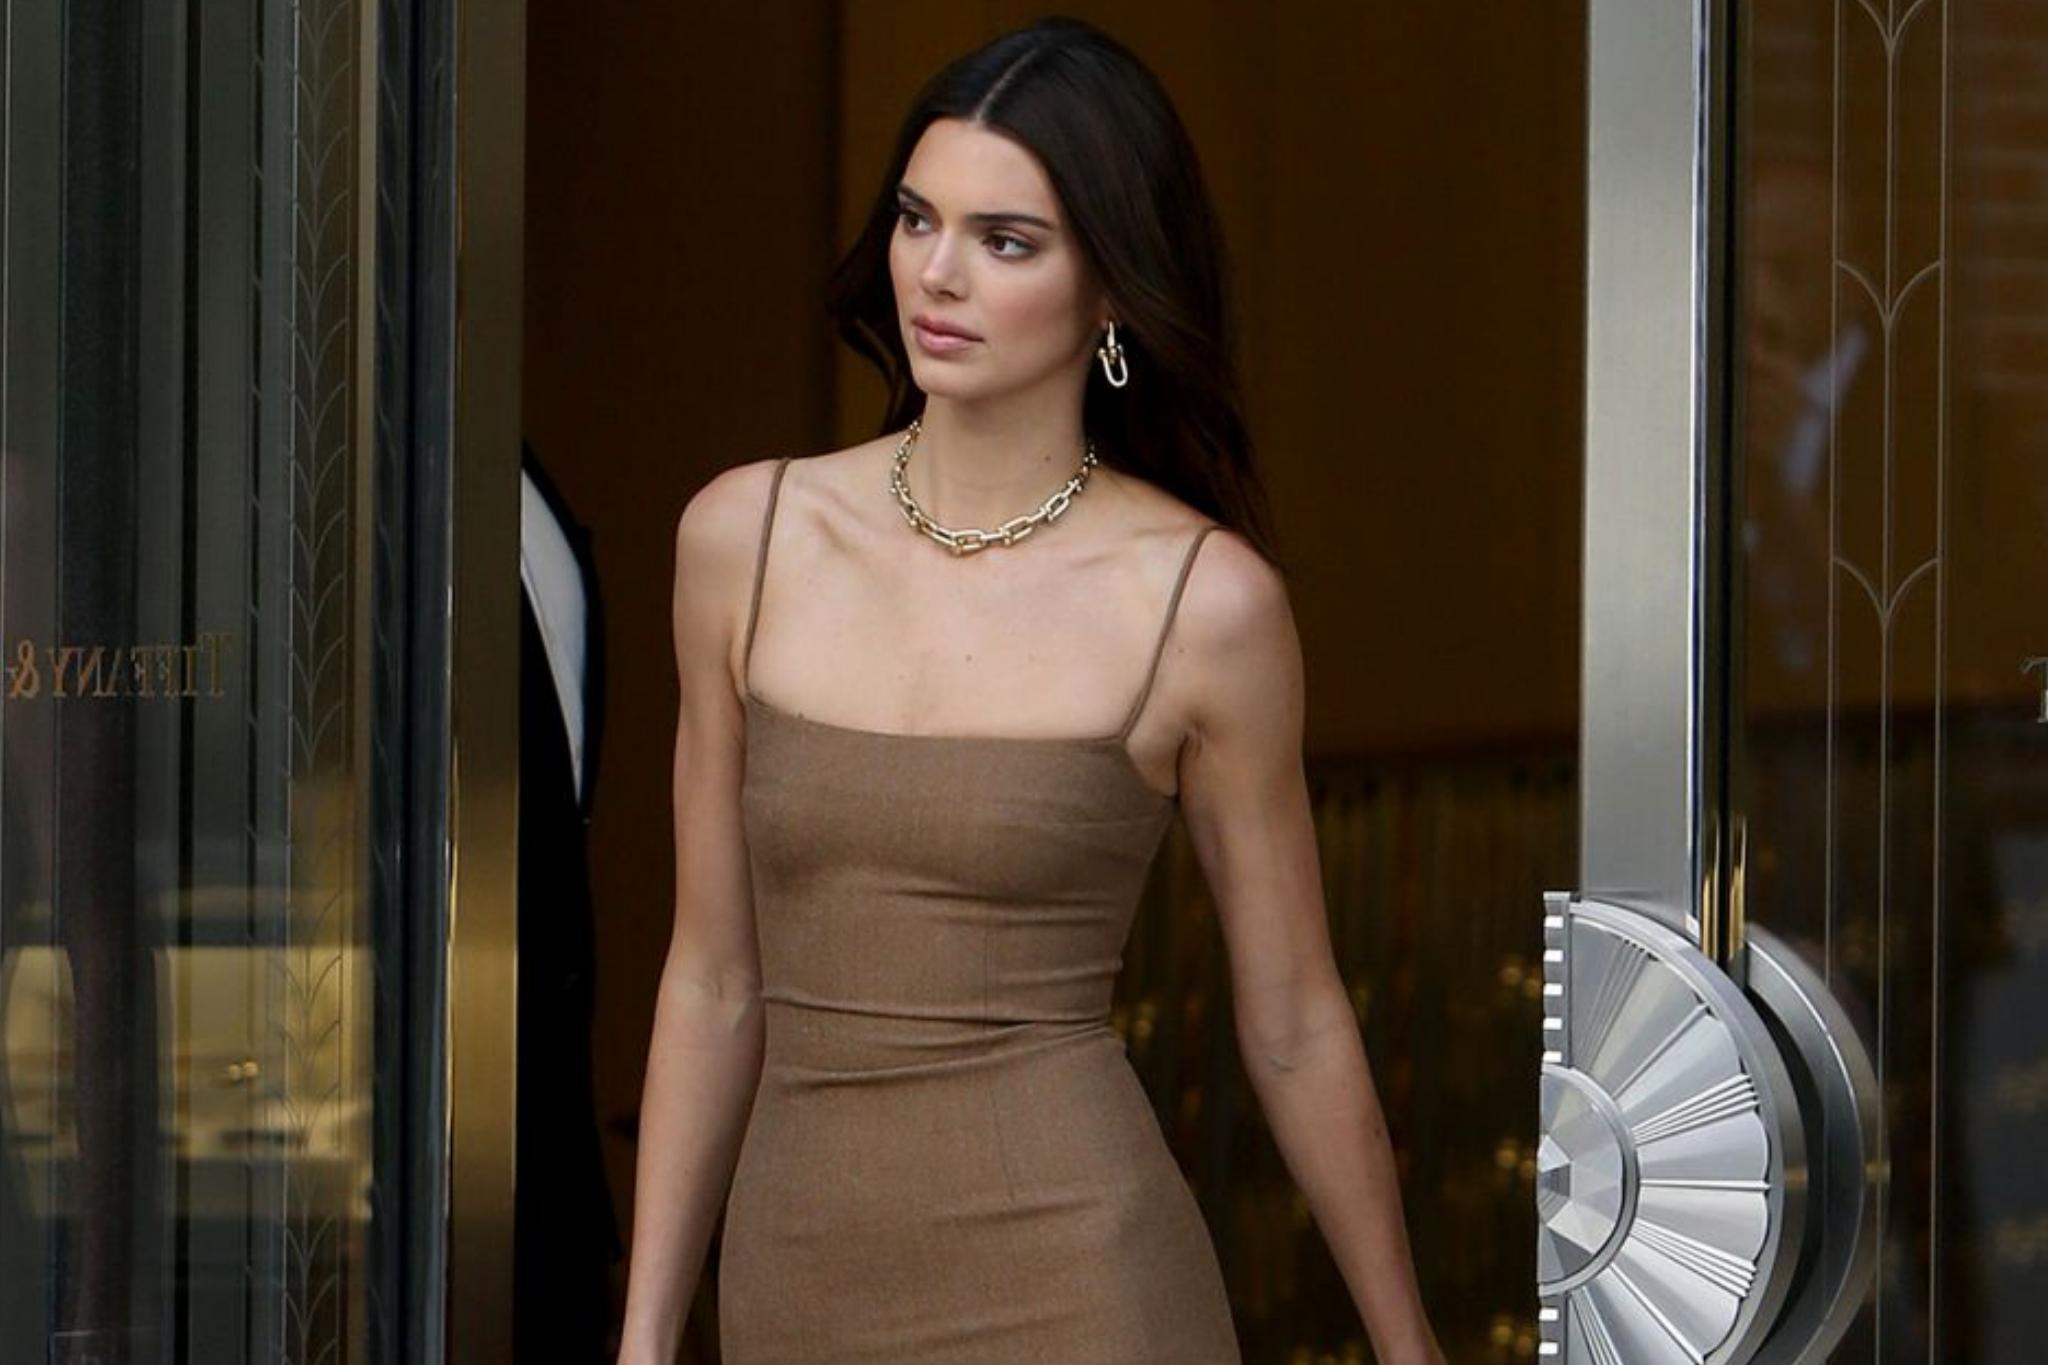 肯达尔·詹娜前往蒂芙尼店扫货,身着紧身超短裙,性感极了